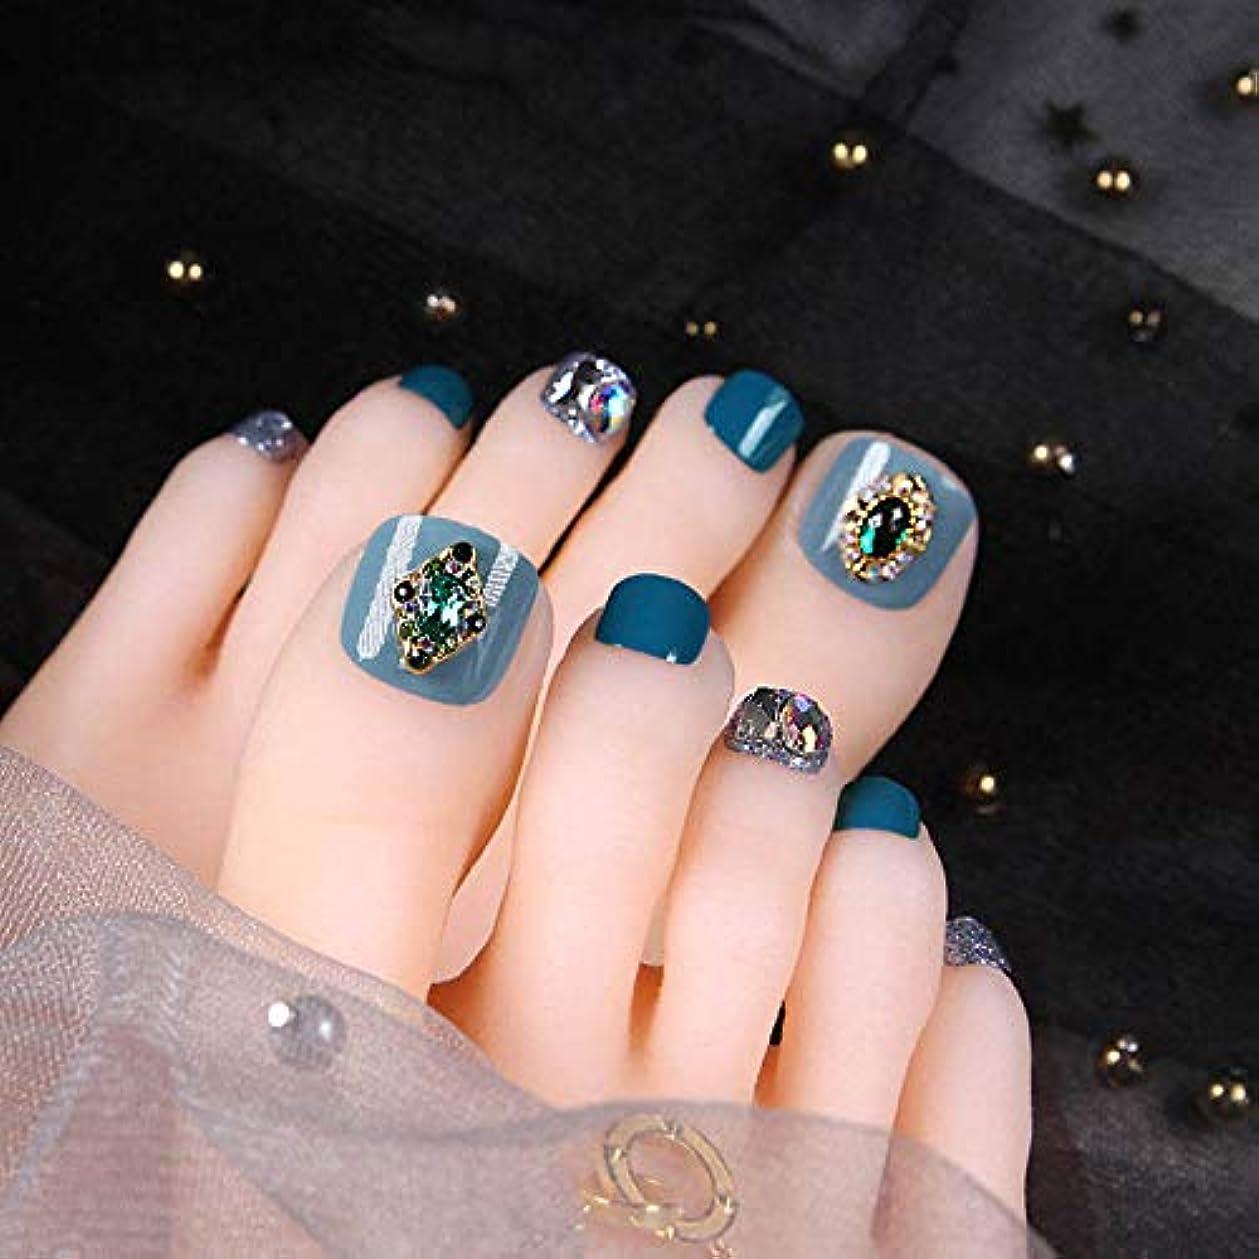 クリップタック活気づくXUTXZKA 24PCSライトブルースモールフレッシュフェイクトゥネイルショートフルカバーウェアラブルデタッチャブルグリッターダイヤモンド爪